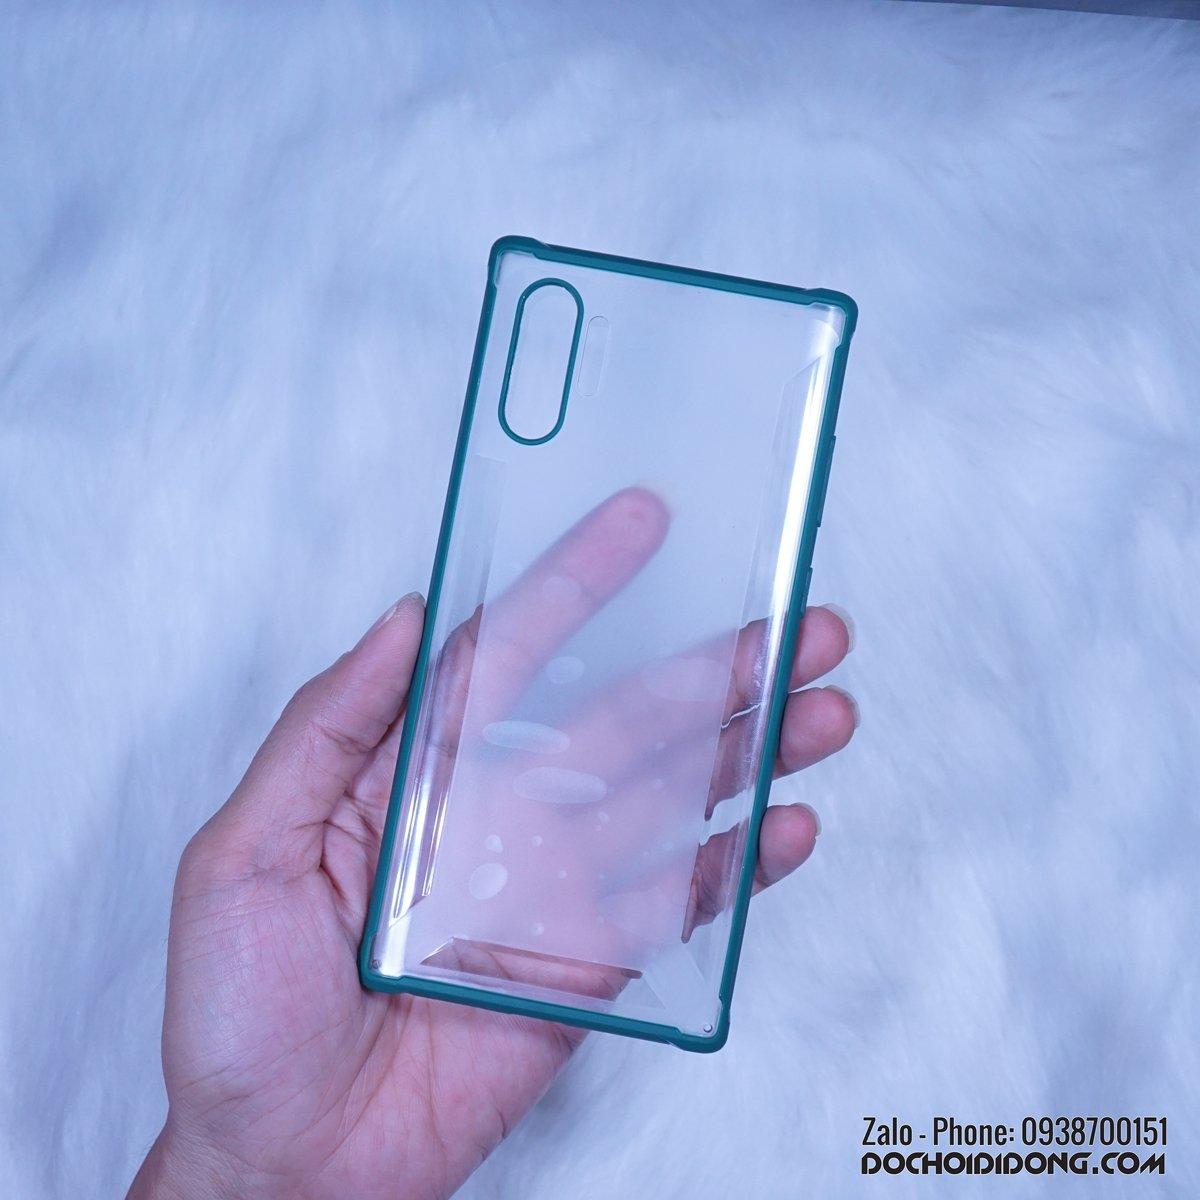 Ốp lưng Samsung Note 10 - Note 10 Plus Likgus Mola lưng nhám trong viền dẻo